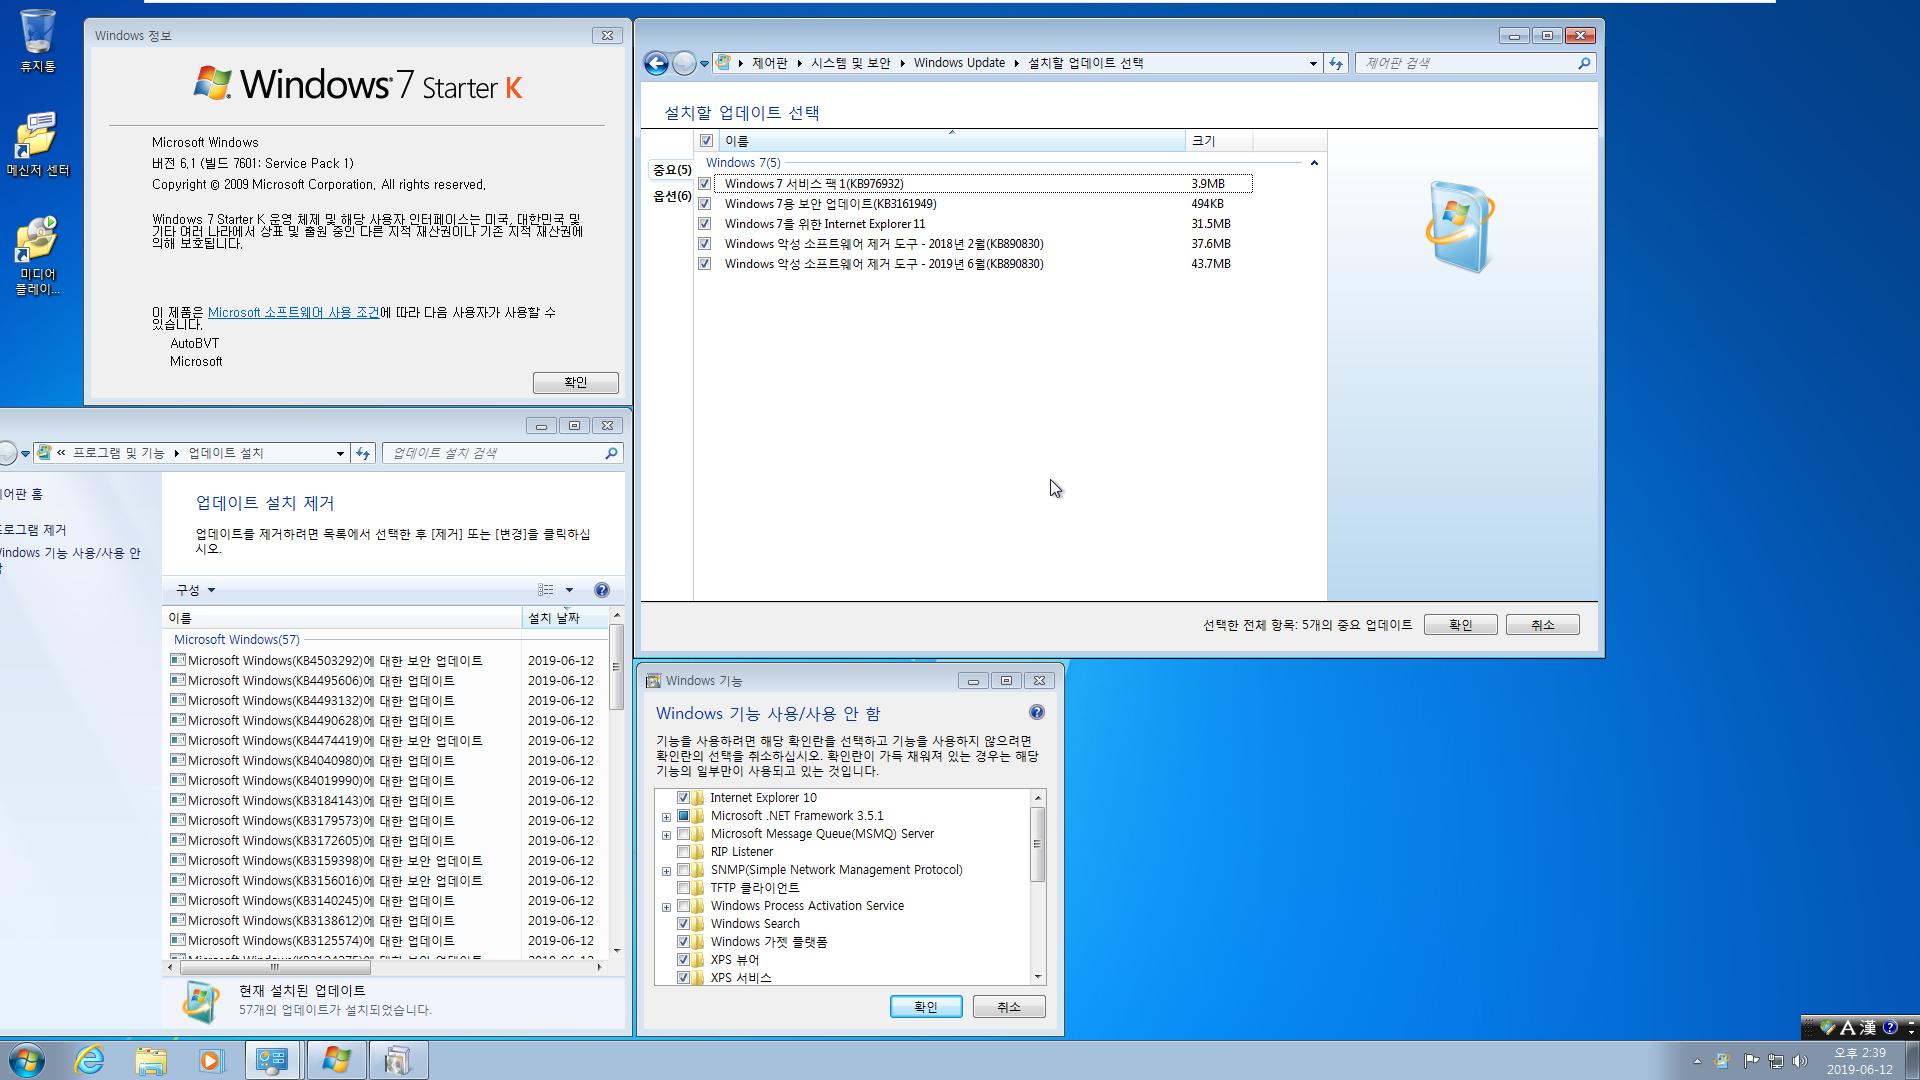 2019년 6월 12일 정기 업데이트 나왔네요 - Windows 7 롤업 업데이트 KB4503292 (OS 빌드 7601.24468) [2019-06-11 일자] IE10 통합중 입니다 2019-06-12_143931.png